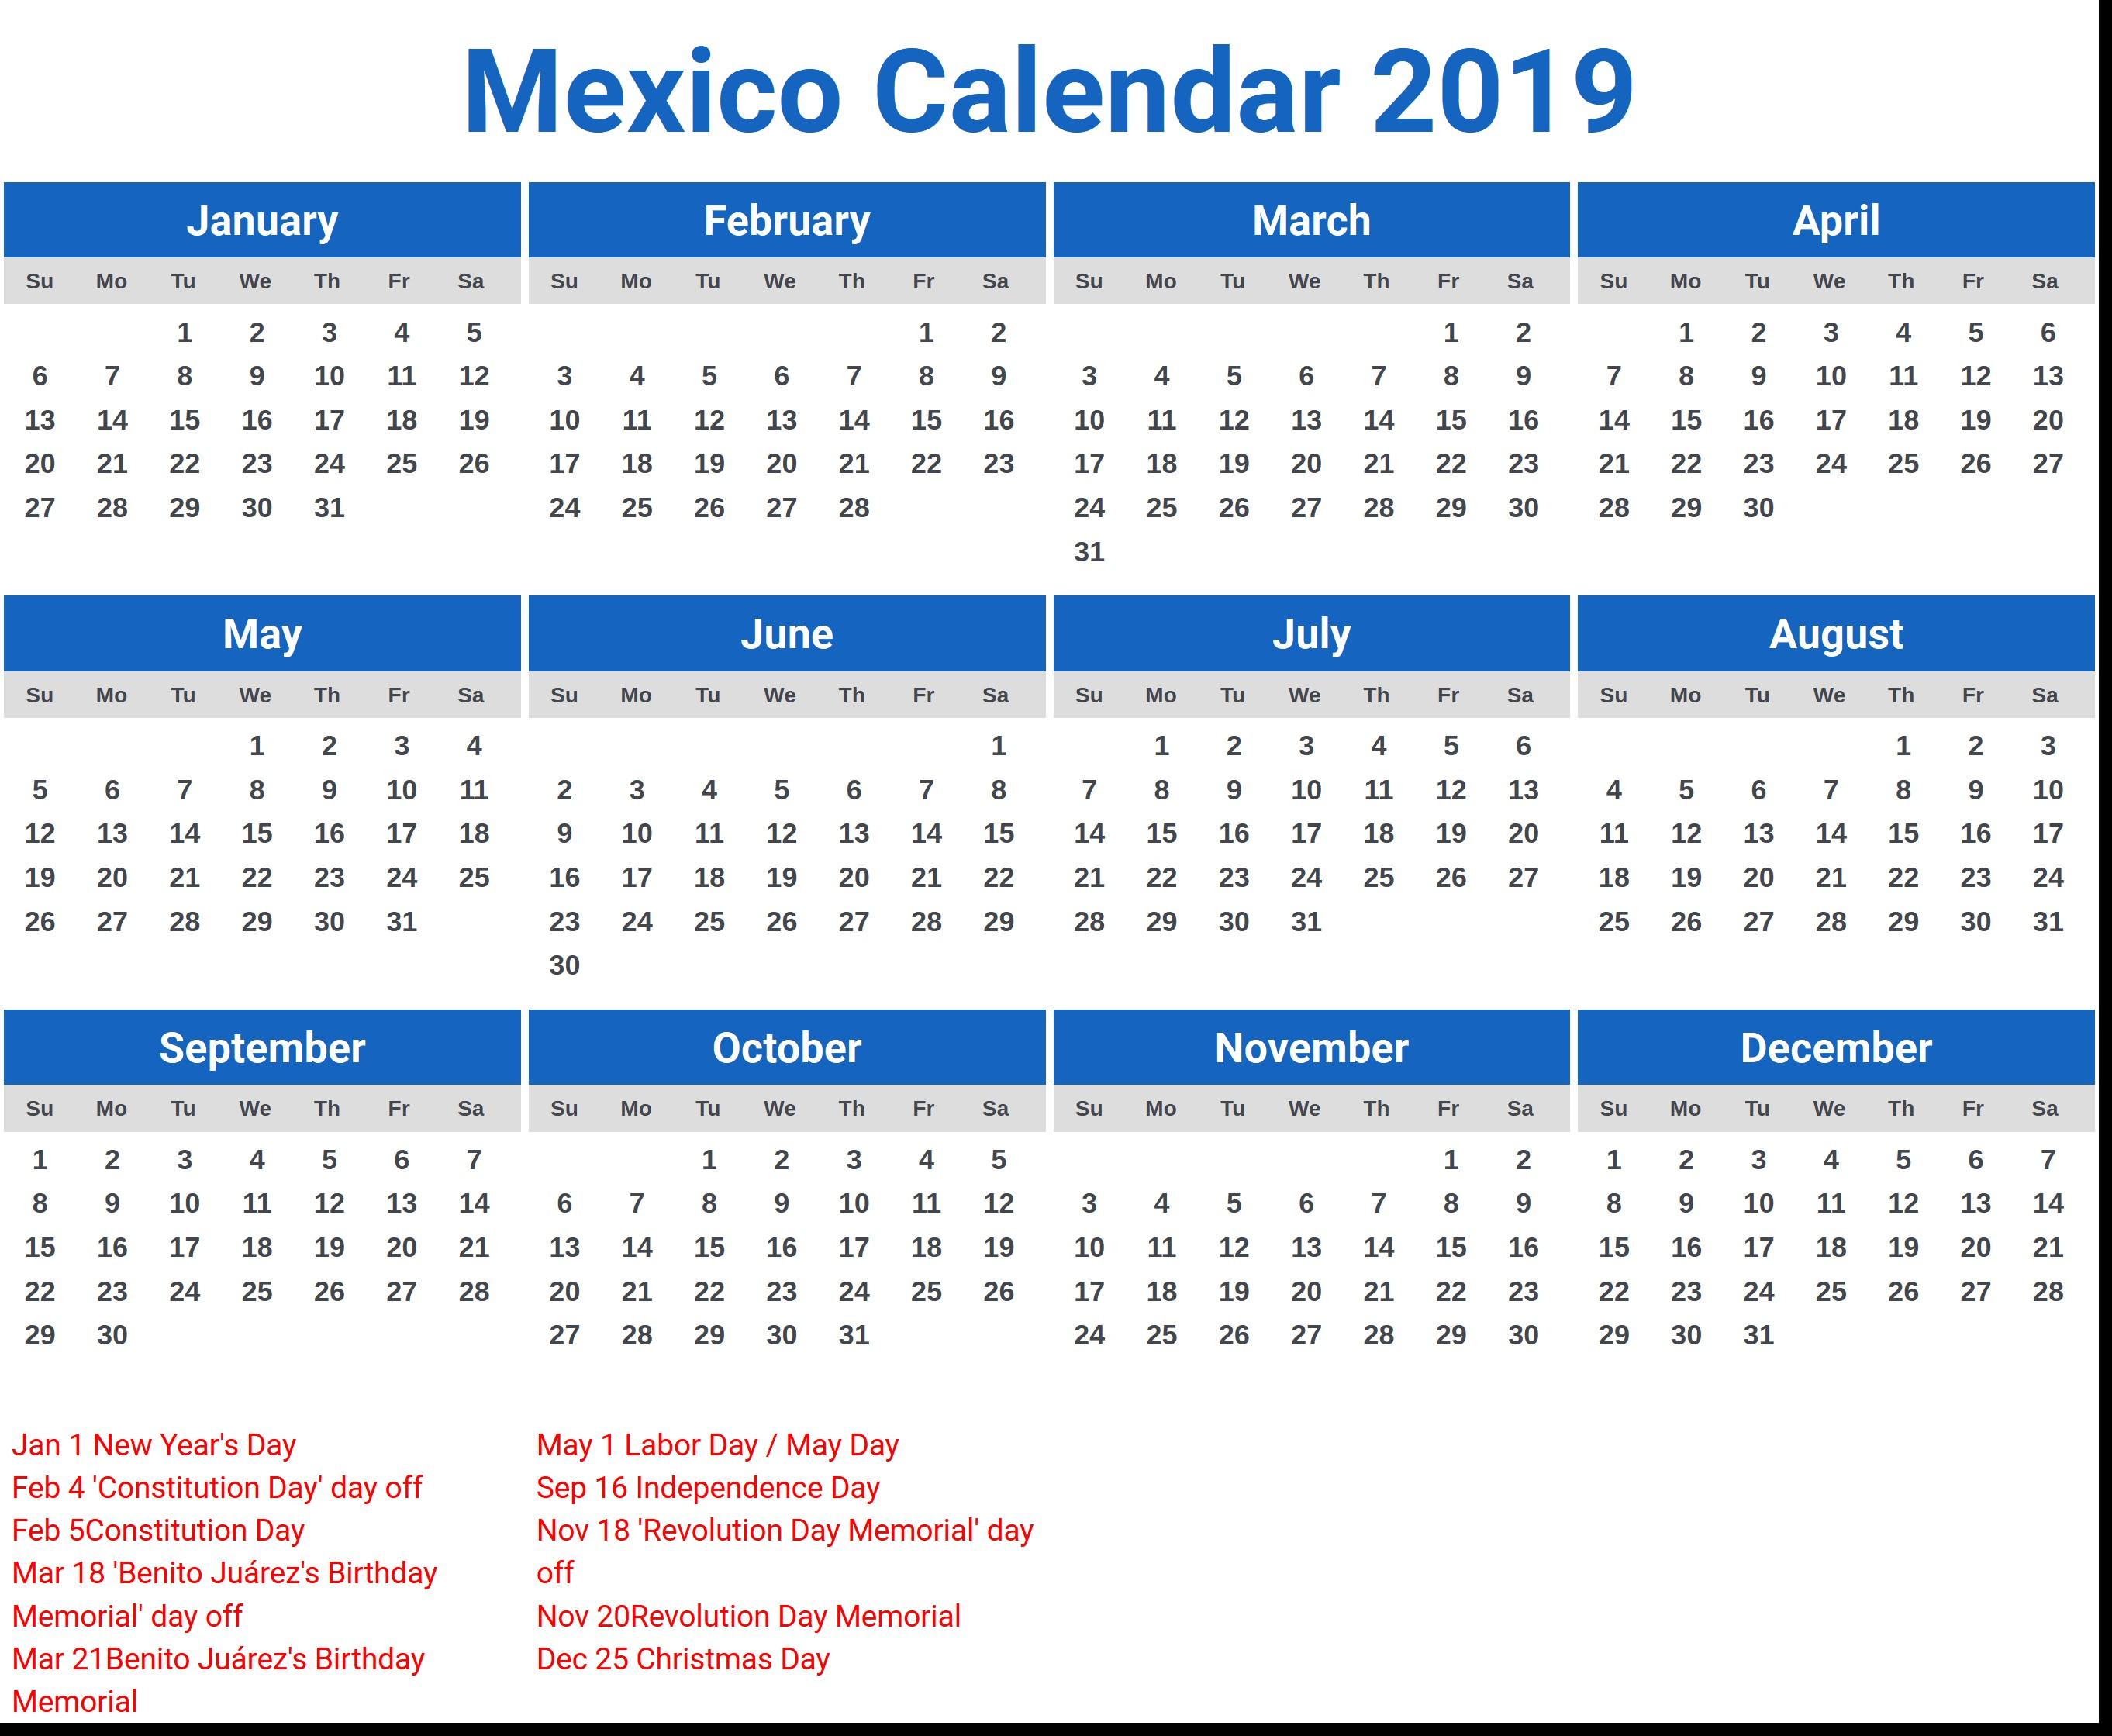 Calendario Imprimir Julio 2017 Más Caliente Julio Calendario Para Imprimir Of Calendario Imprimir Julio 2017 Actual Calendario 2017